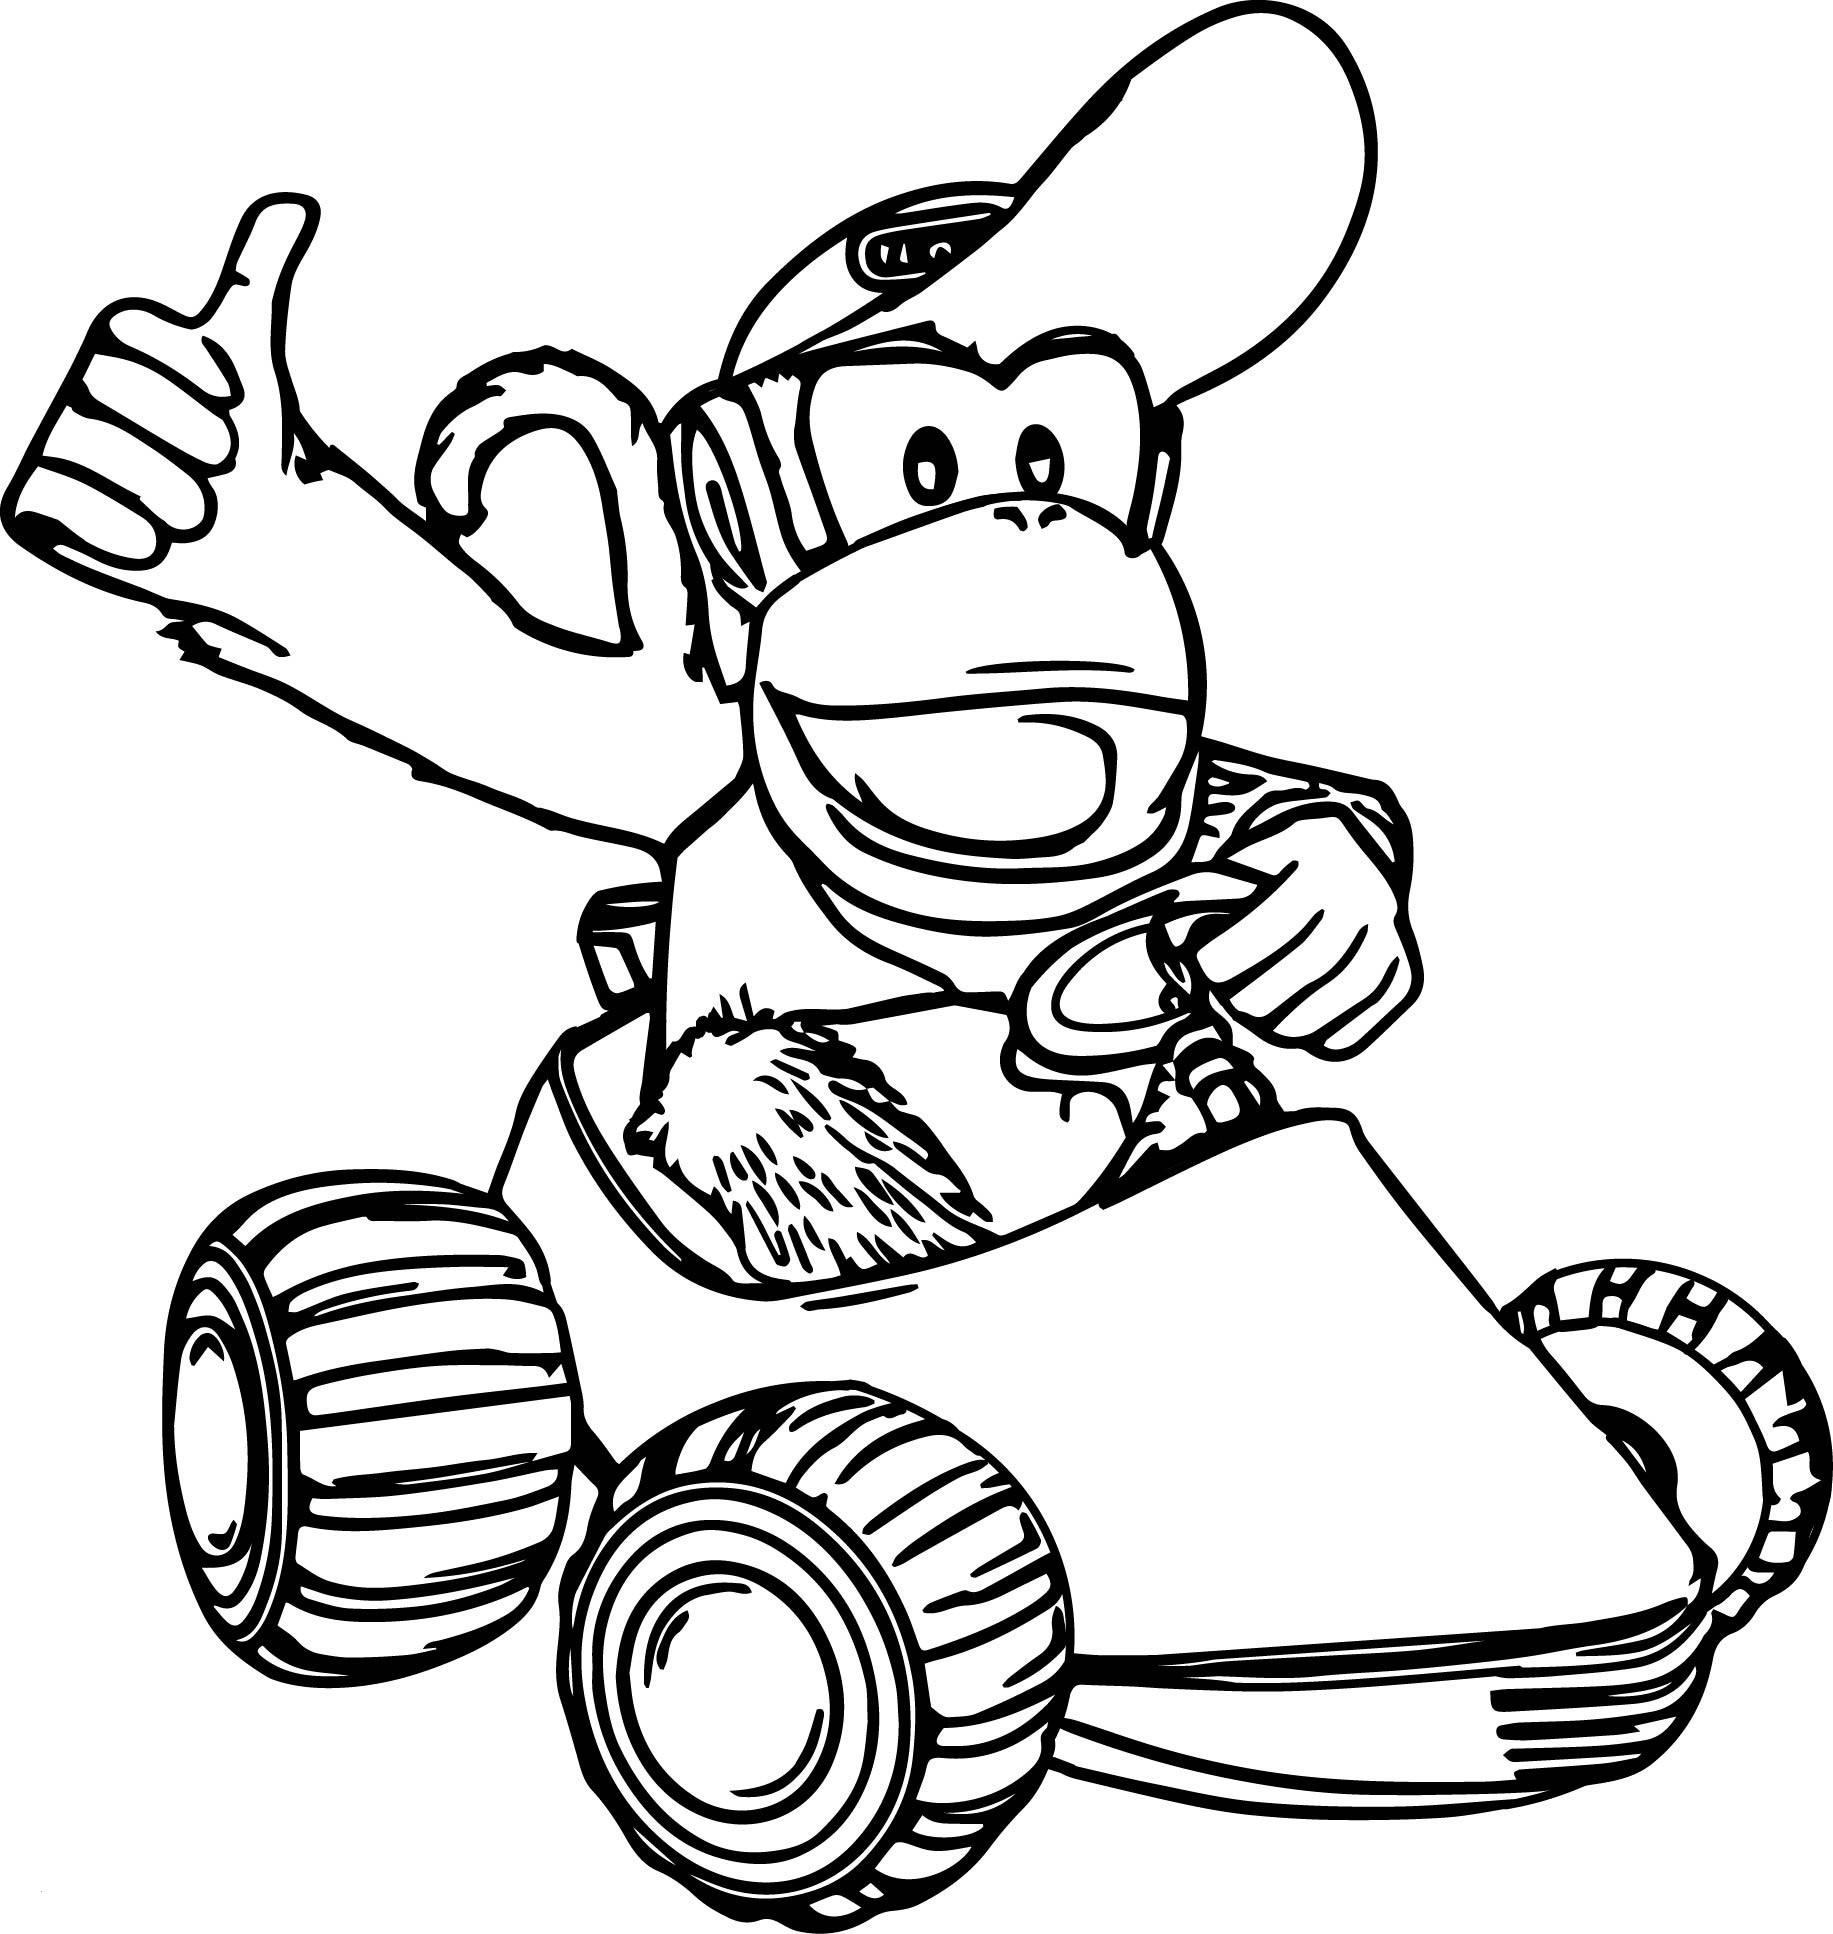 Ausmalbilder Mario Kart Inspirierend Ausmalbilder Mario Kart 8 Uploadertalk Einzigartig Ausmalbilder Galerie